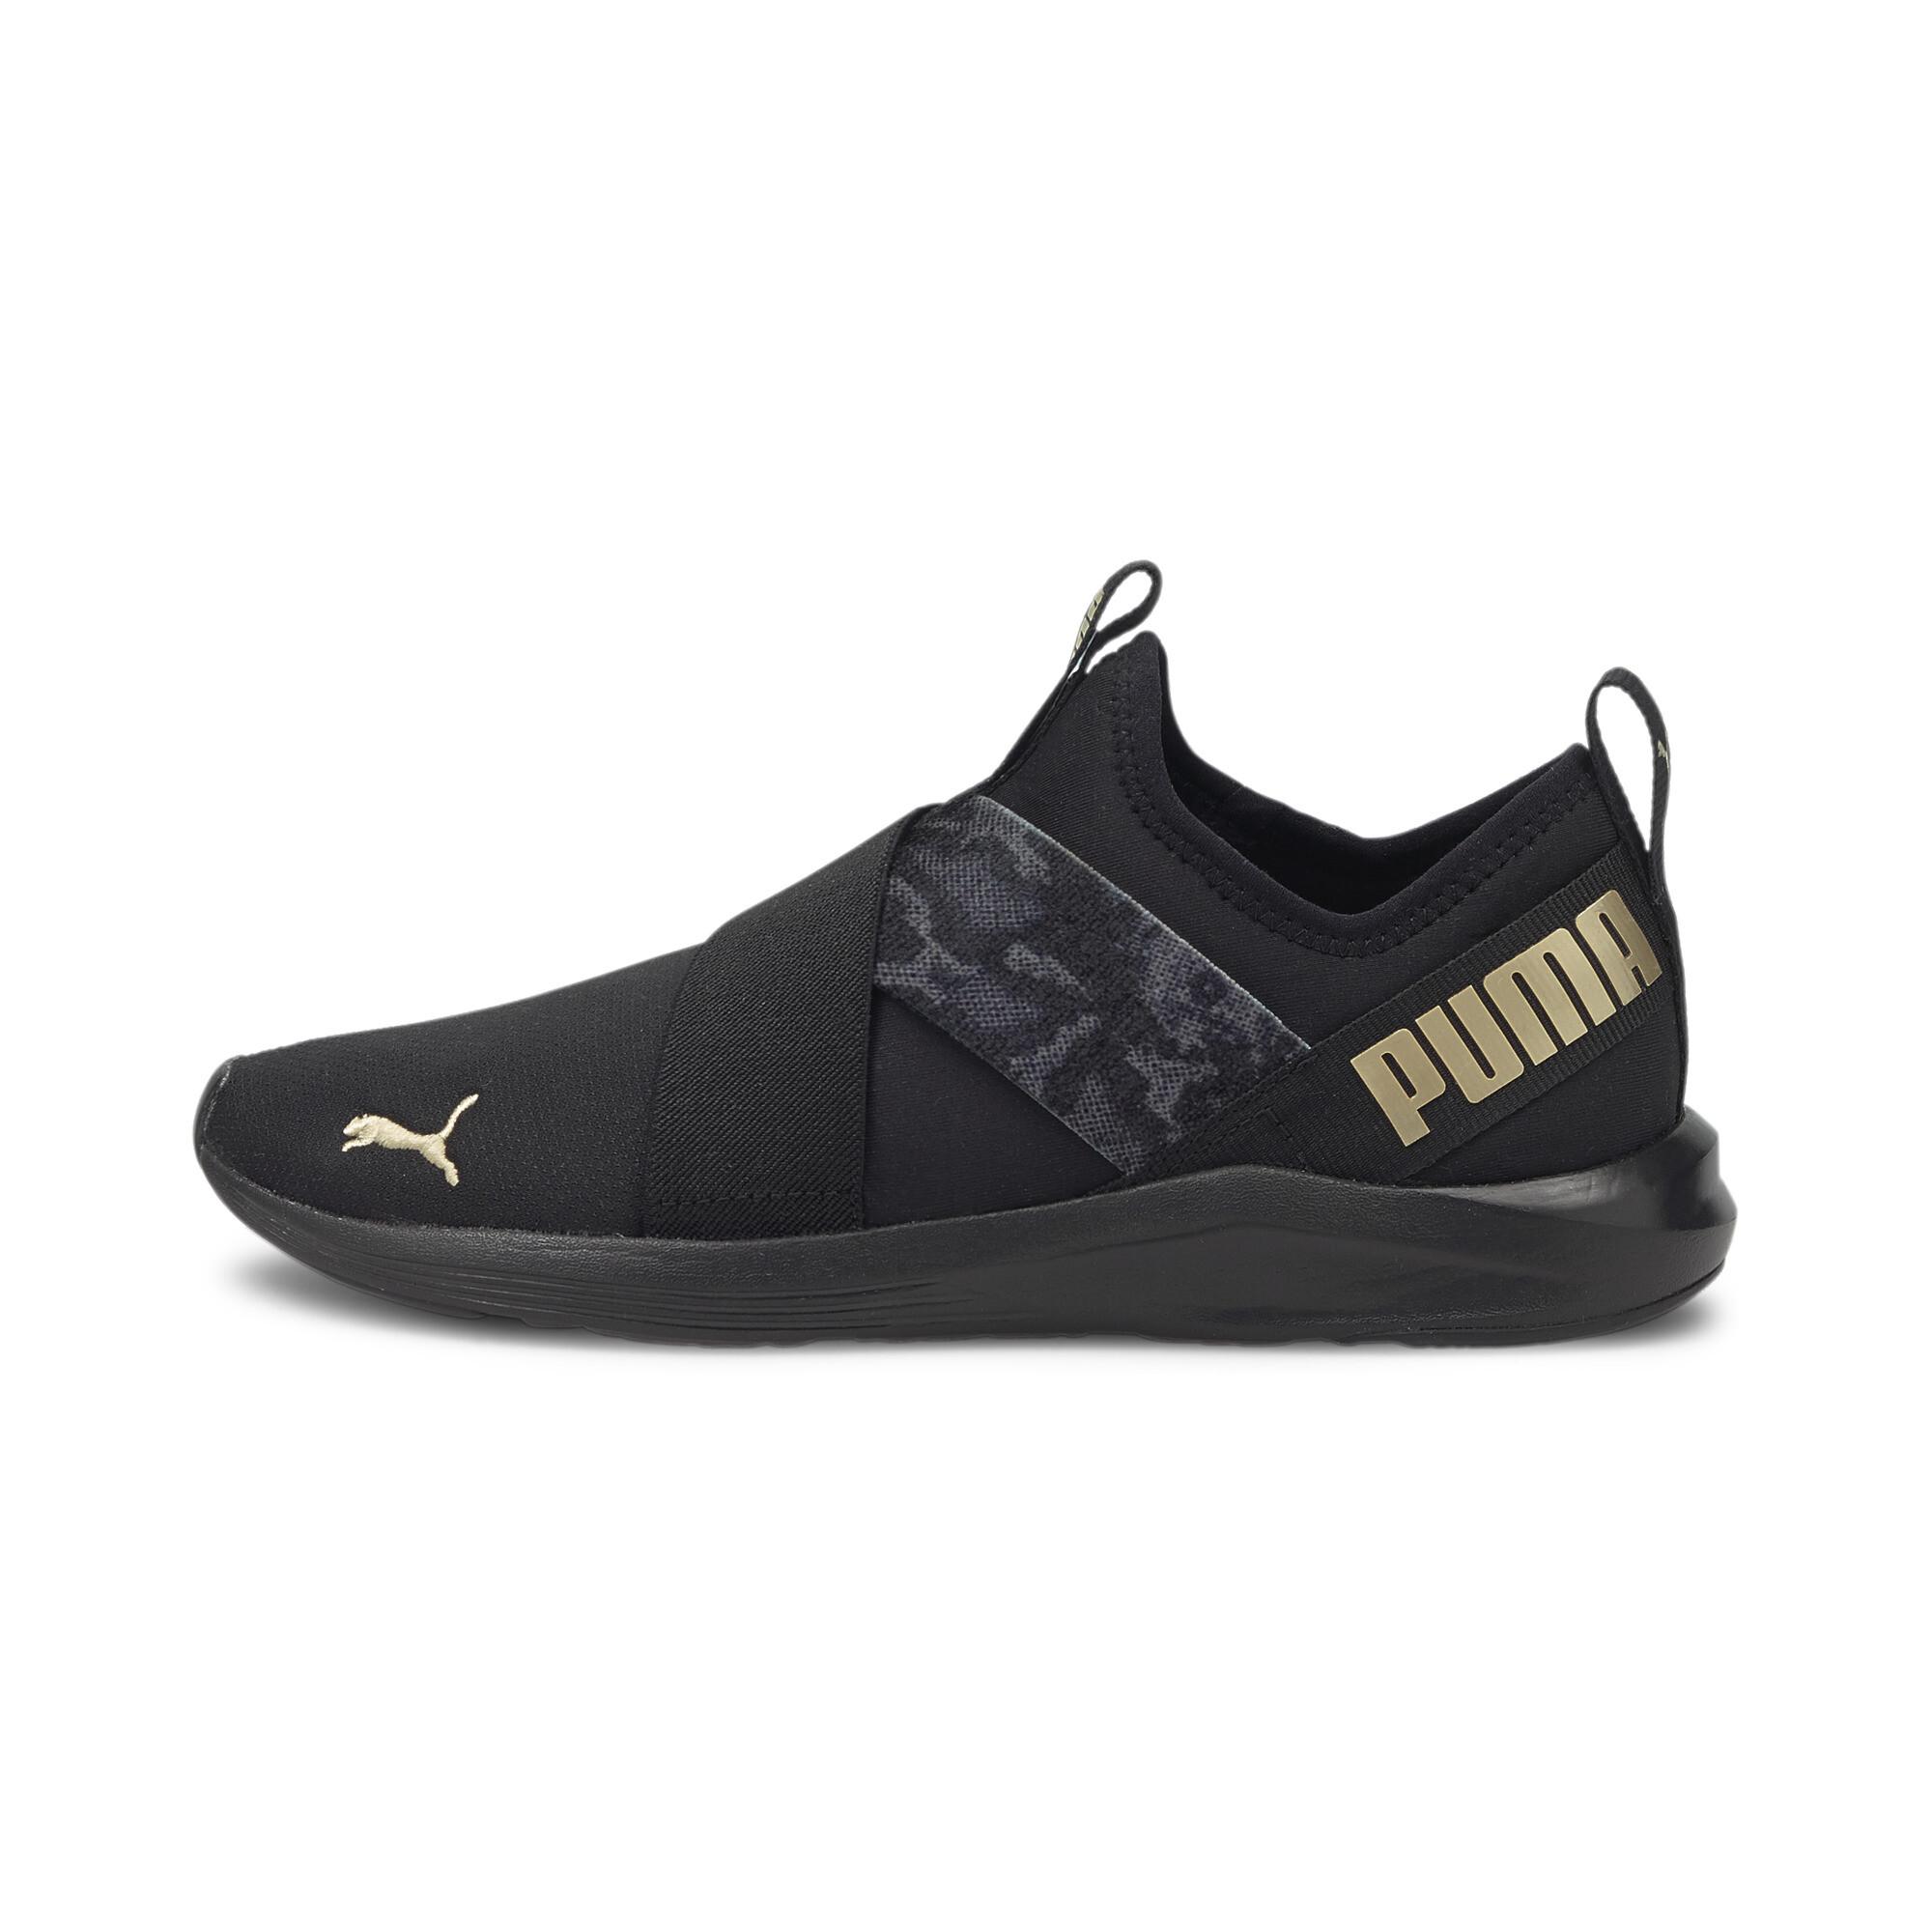 Puma Black-Puma Team Gold